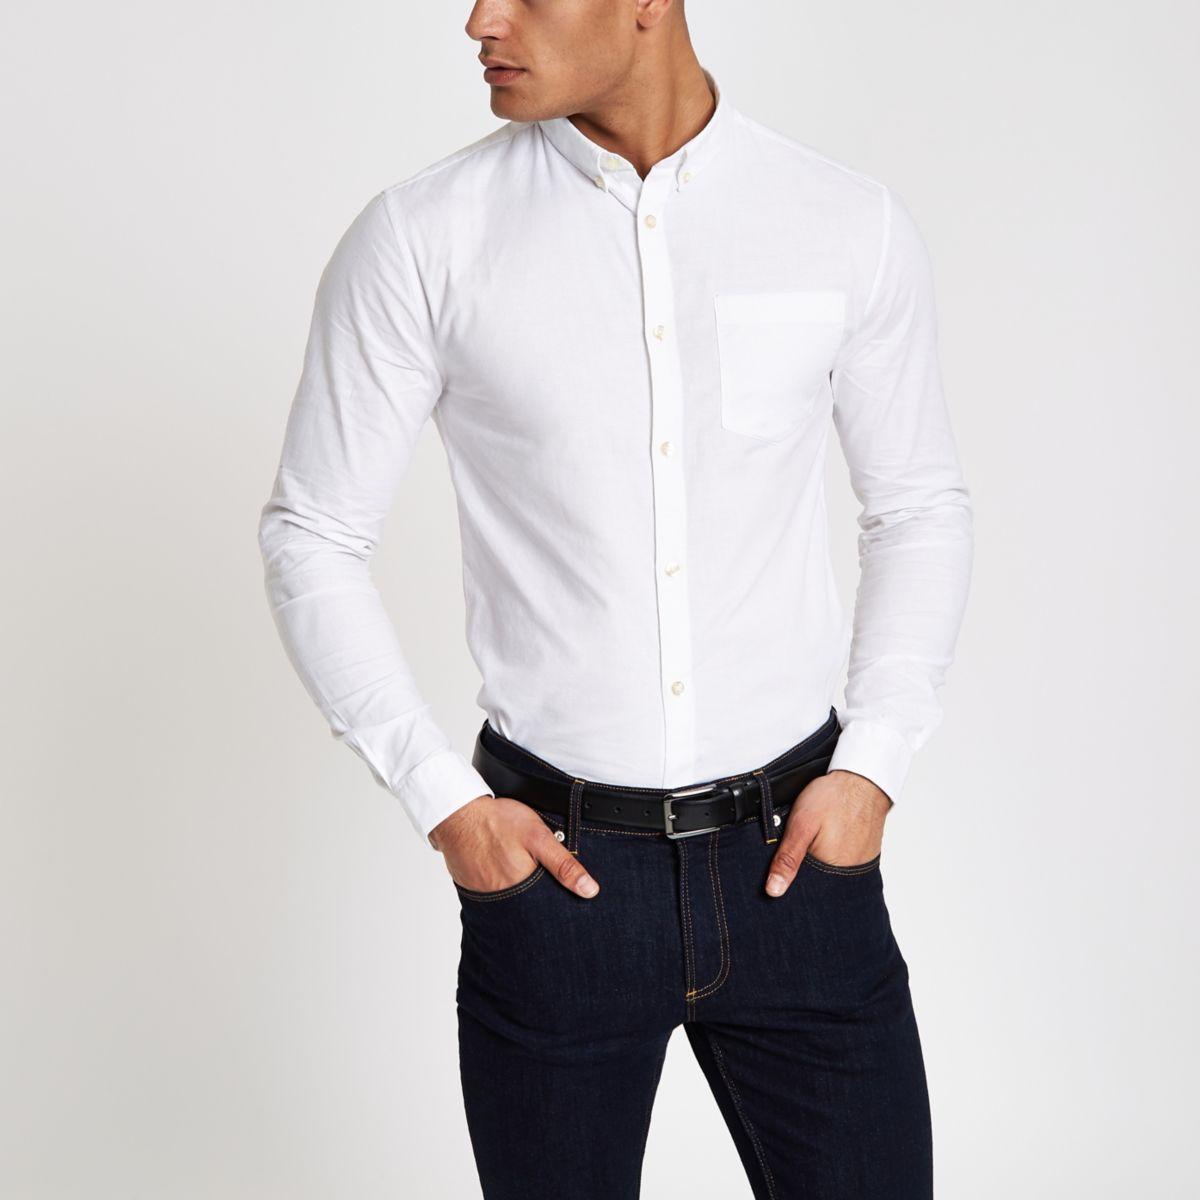 Chemise Oxford blanche casual ajustée